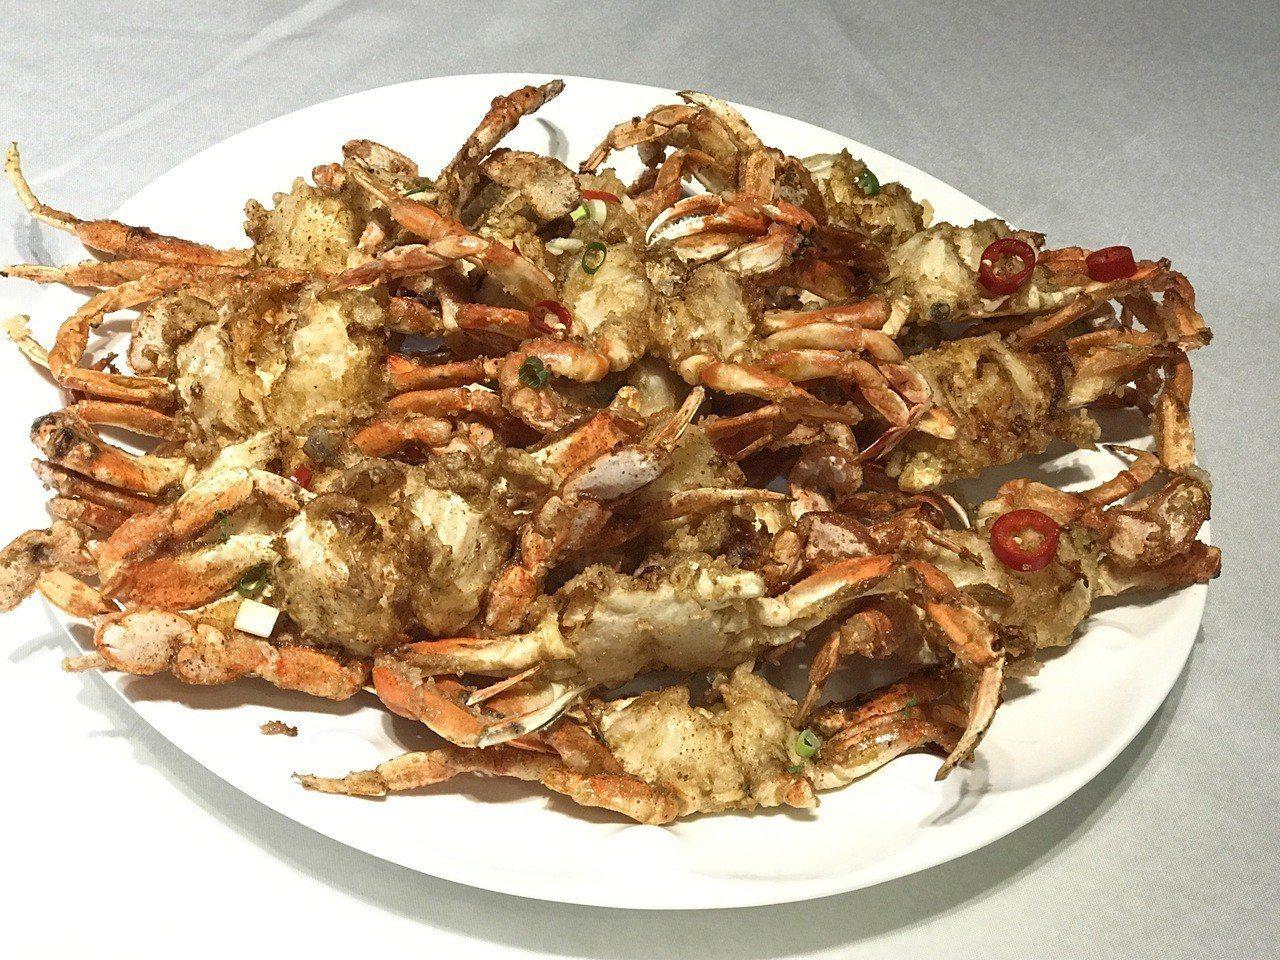 連3年在碧砂漁港星晨碼頭舉辦的「海鮮啤酒趴」,有美味的黃金蟹、酥脆小蝦及沁涼的啤...